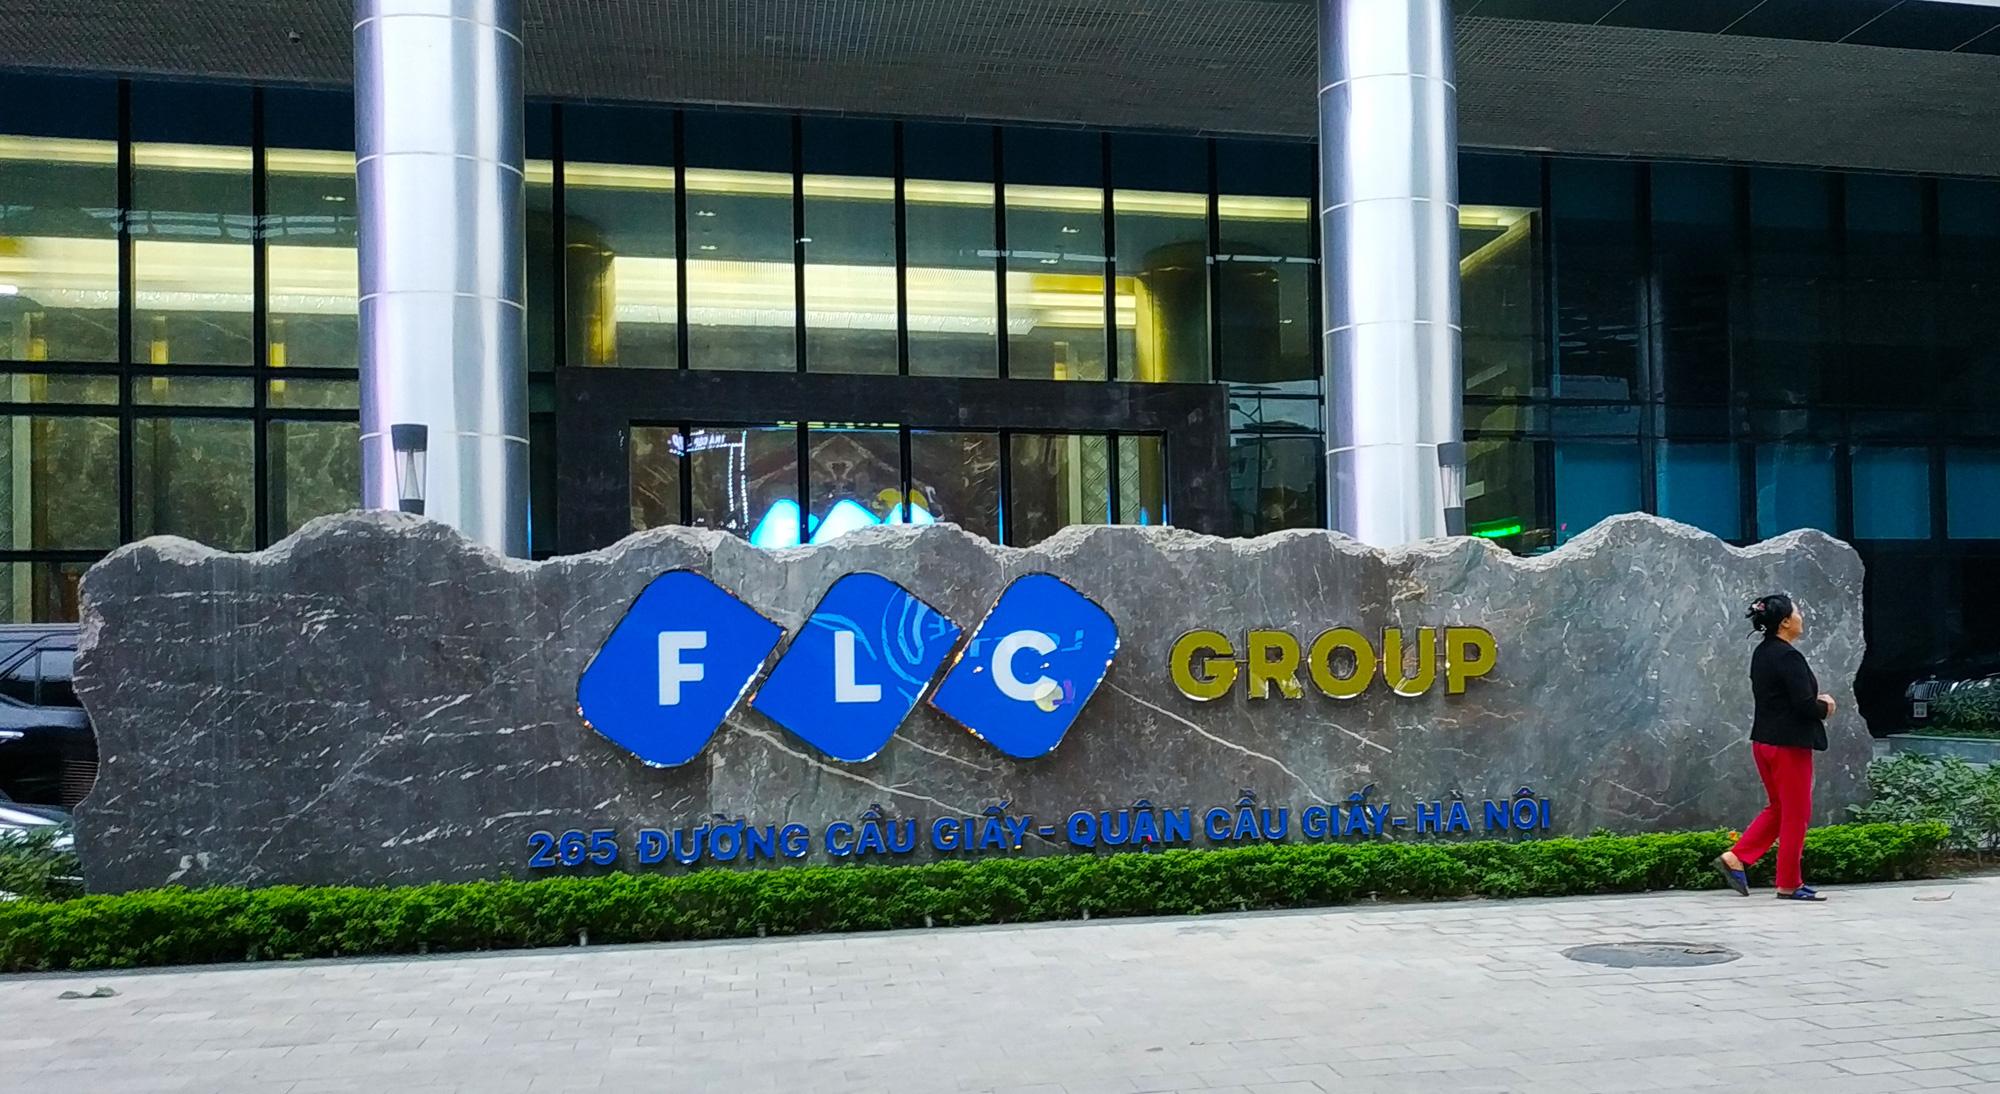 Ngay trước Tết, ông Đỗ Như Tuấn rời ghế lãnh đạo cả Tập đoàn FLC và FLC Faros - Ảnh 1.